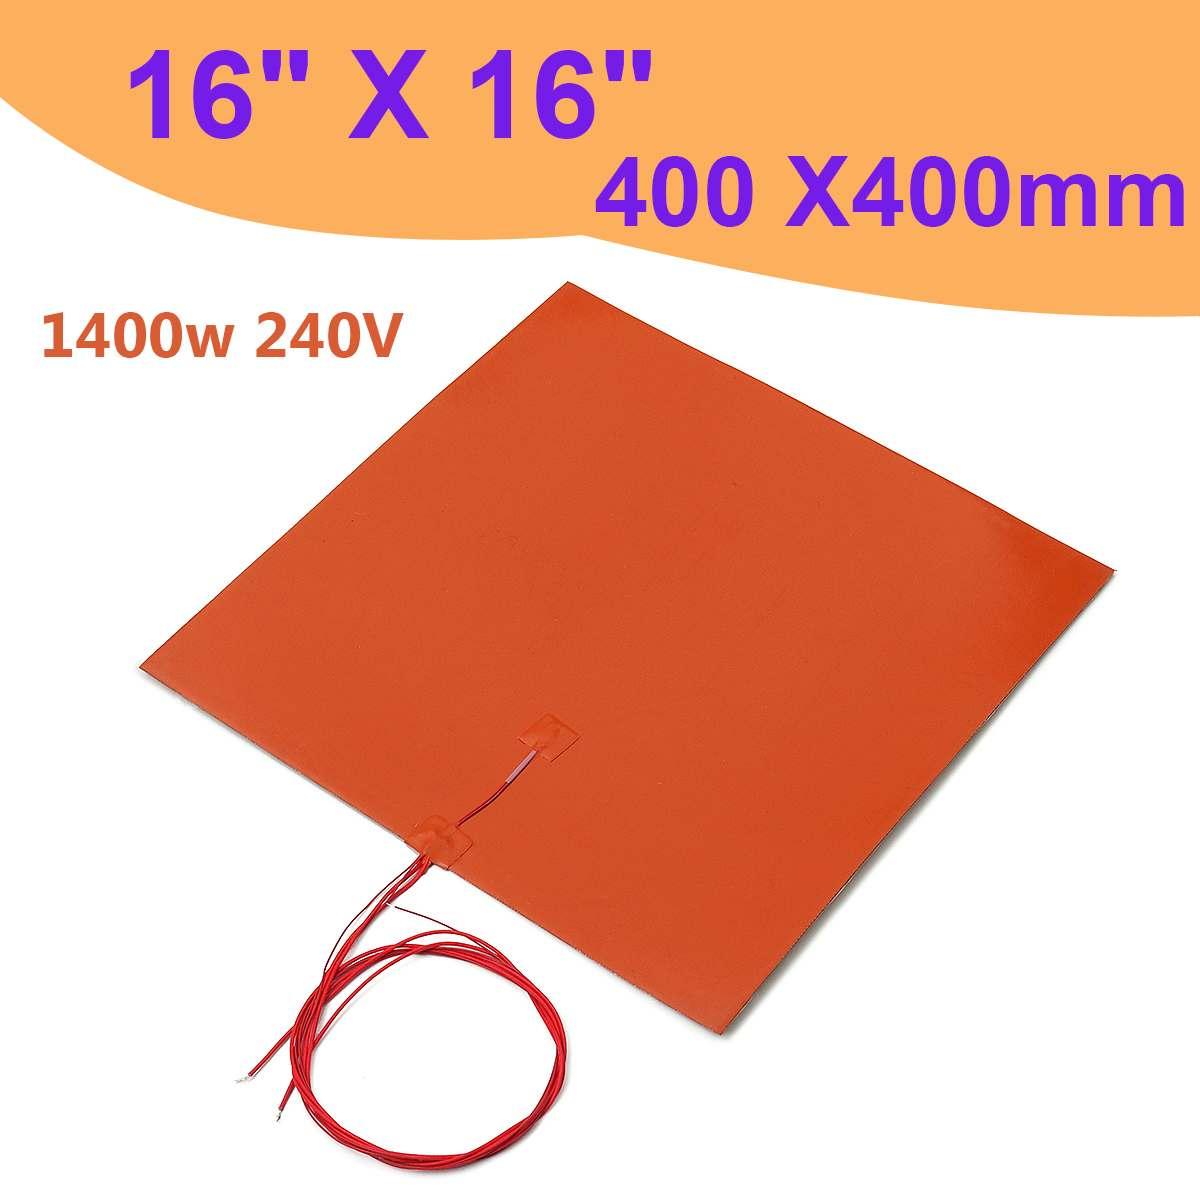 1400 w 240 v 400x400mm Chauffe Silicone Chauffe-Lit Pad pour 3D Imprimante Sans Trou Coussin Chauffant orange 3D Imprimante Accessoires